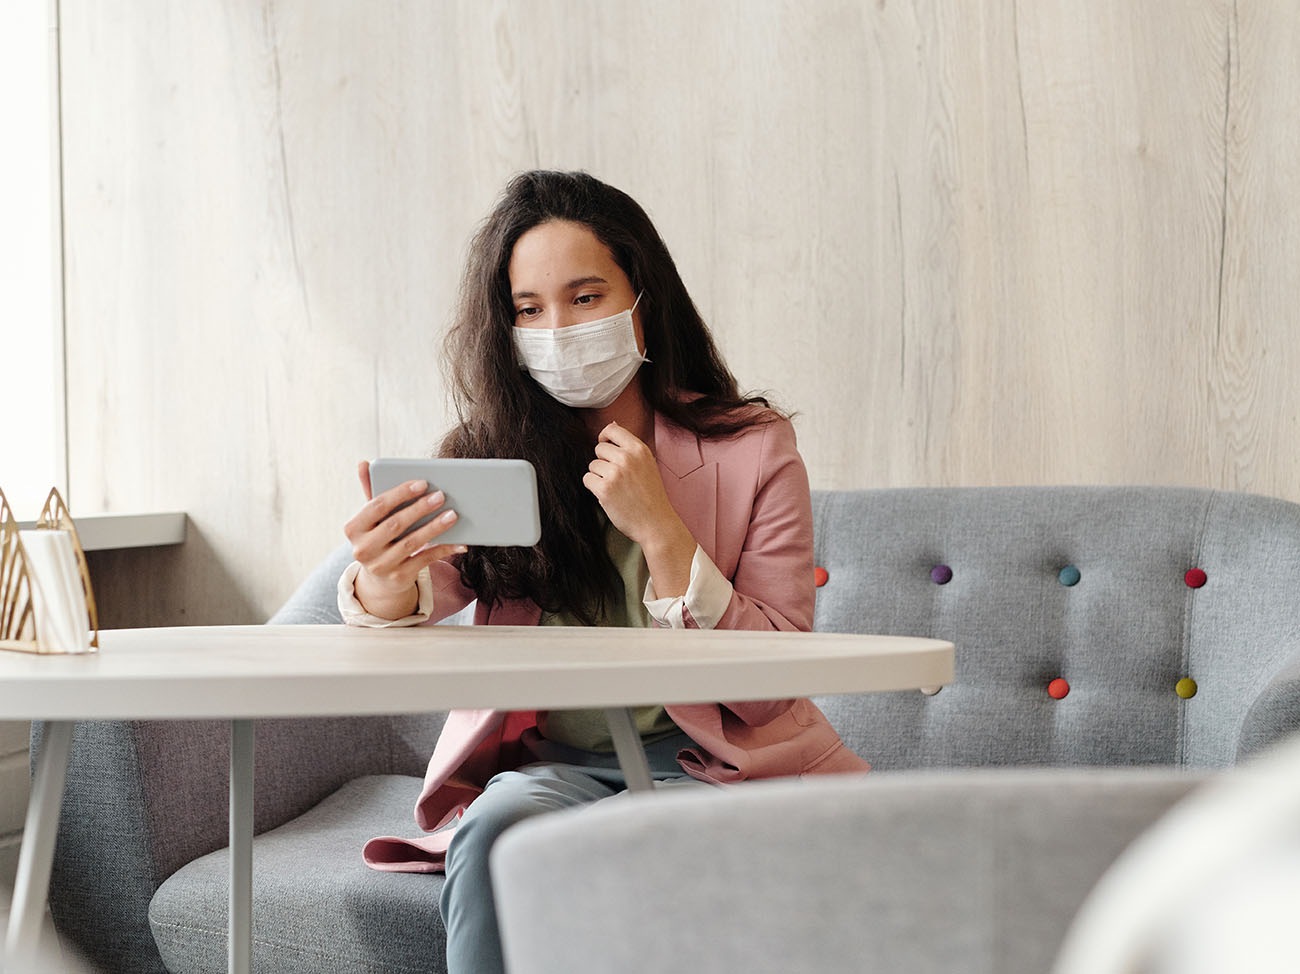 Geschaeftsfrau sitzend mit medizinischer Mask